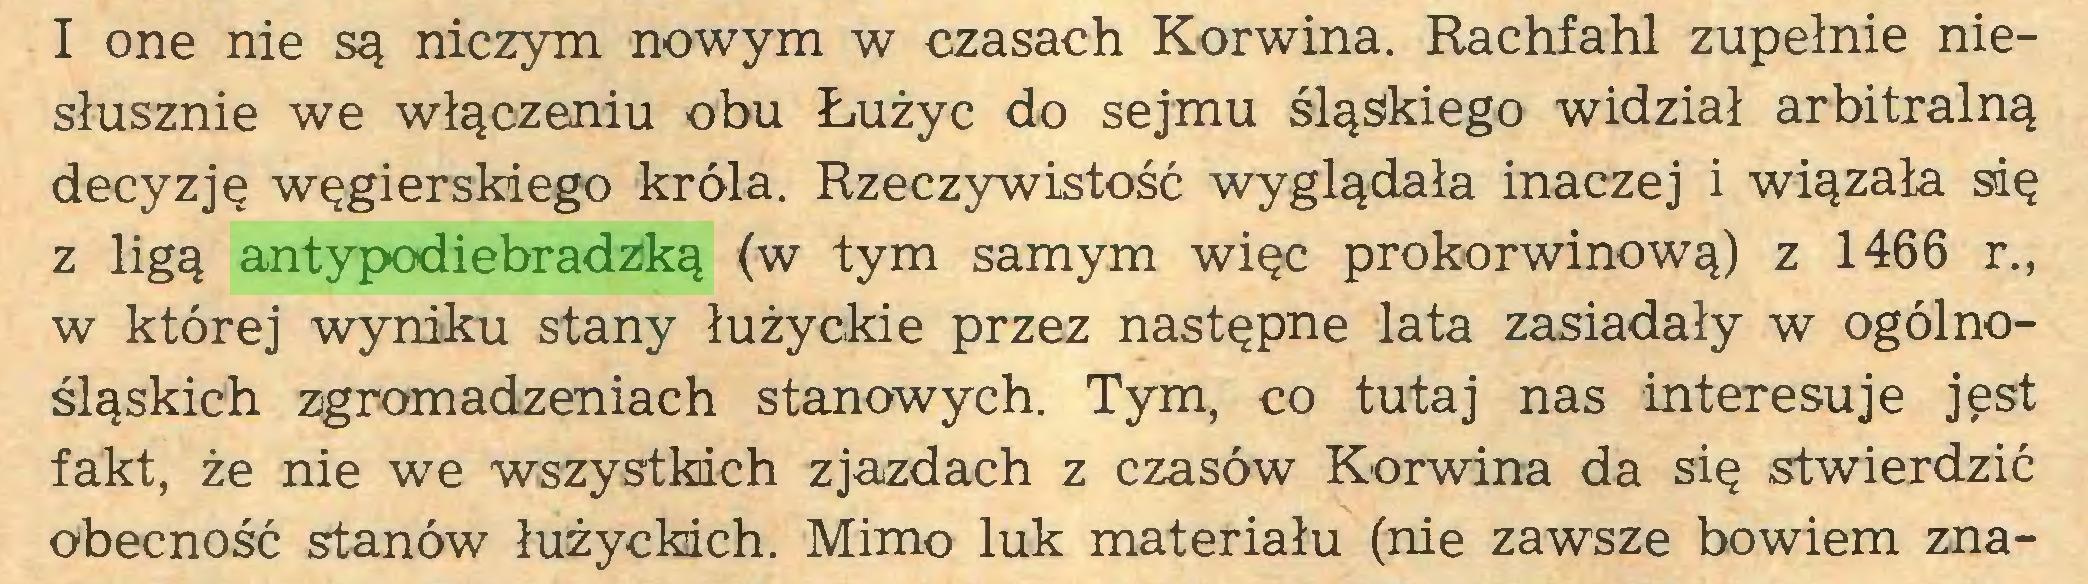 (...) I one nie są niczym nowym w czasach Korwina. Rachfahl zupełnie niesłusznie we włączeniu obu Łużyc do sejmu śląskiego widział arbitralną decyzję węgierskiego króla. Rzeczywistość wyglądała inaczej i wiązała się z ligą antypodiebradzką (w tym samym więc prokorwinową) z 1466 r., w której wyniku stany łużyckie przez następne lata zasiadały w ogólnośląskich zgromadzeniach stanowych. Tym, co tutaj nas interesuje jest fakt, że nie we wszystkich zjazdach z czasów Korwina da się stwierdzić obecność stanów łużyckich. Mimo luk materiału (nie zawsze bowiem zna...